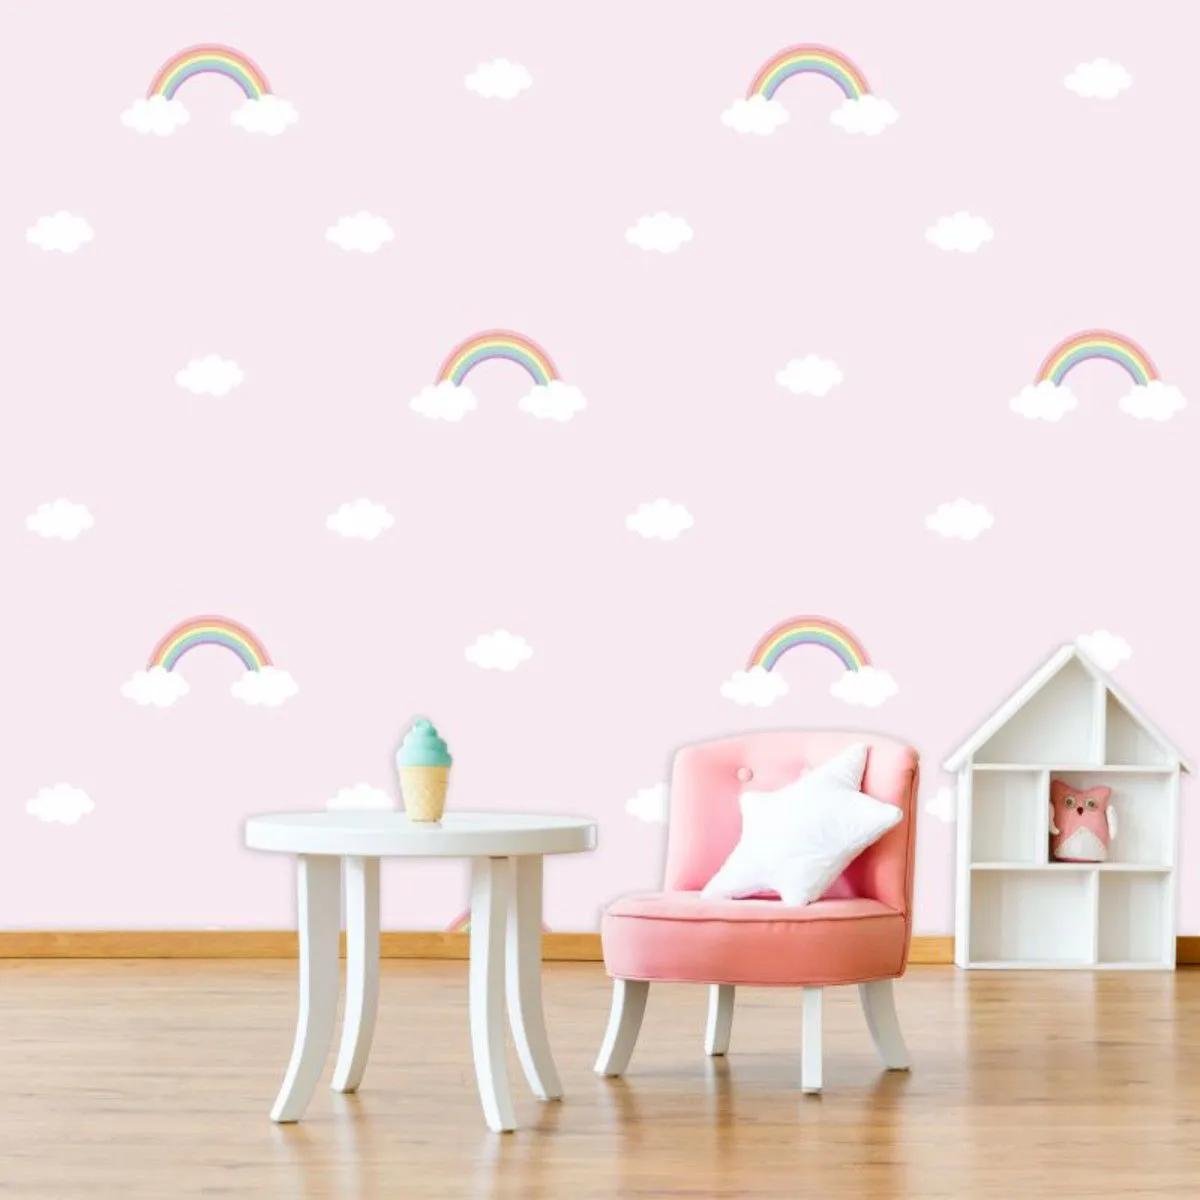 Papel de parede Adesivo Infantil  – PL0001